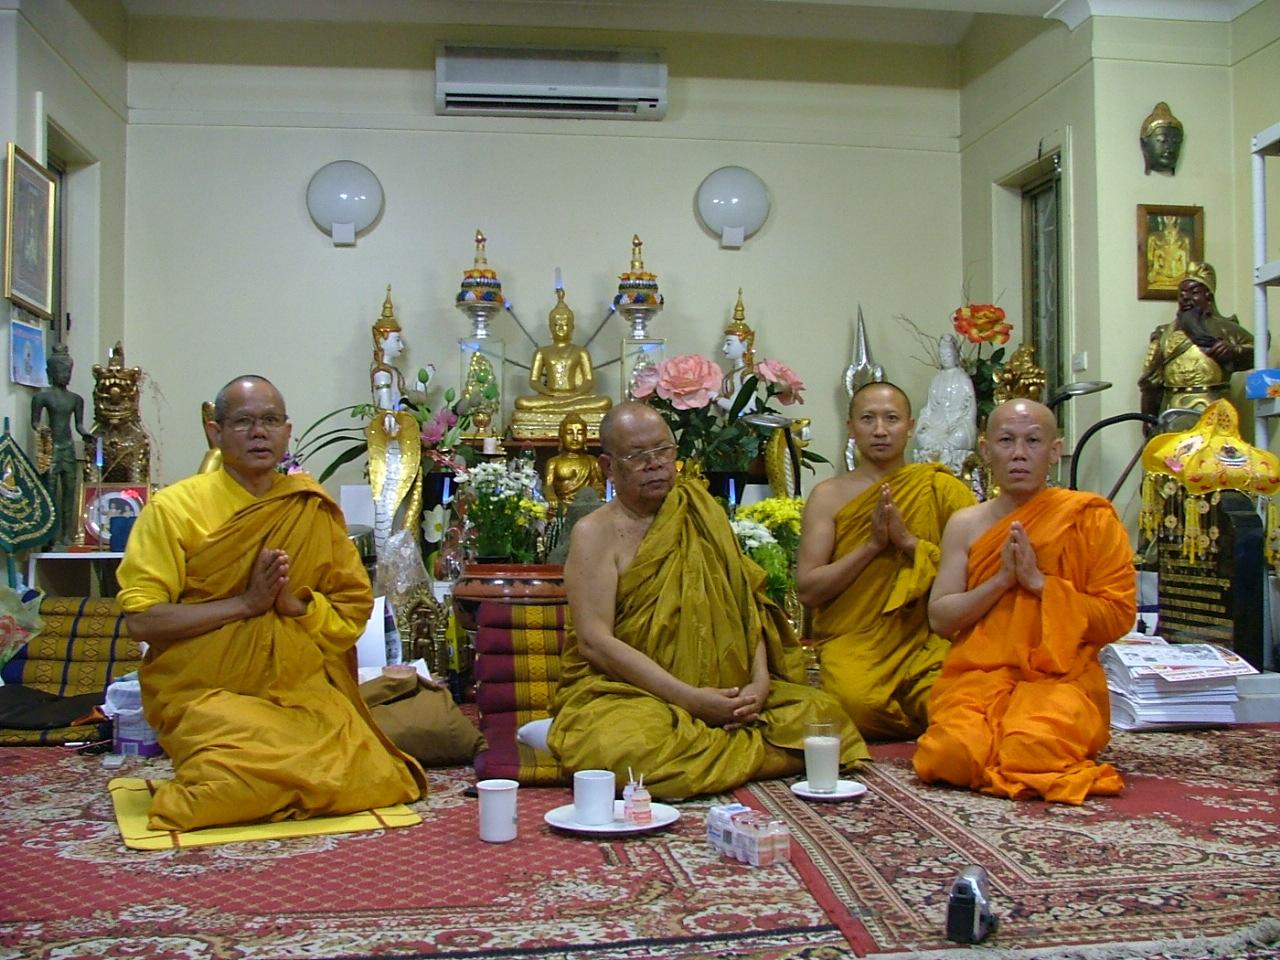 Buddhist Monks at Wat phrayortkeo 14